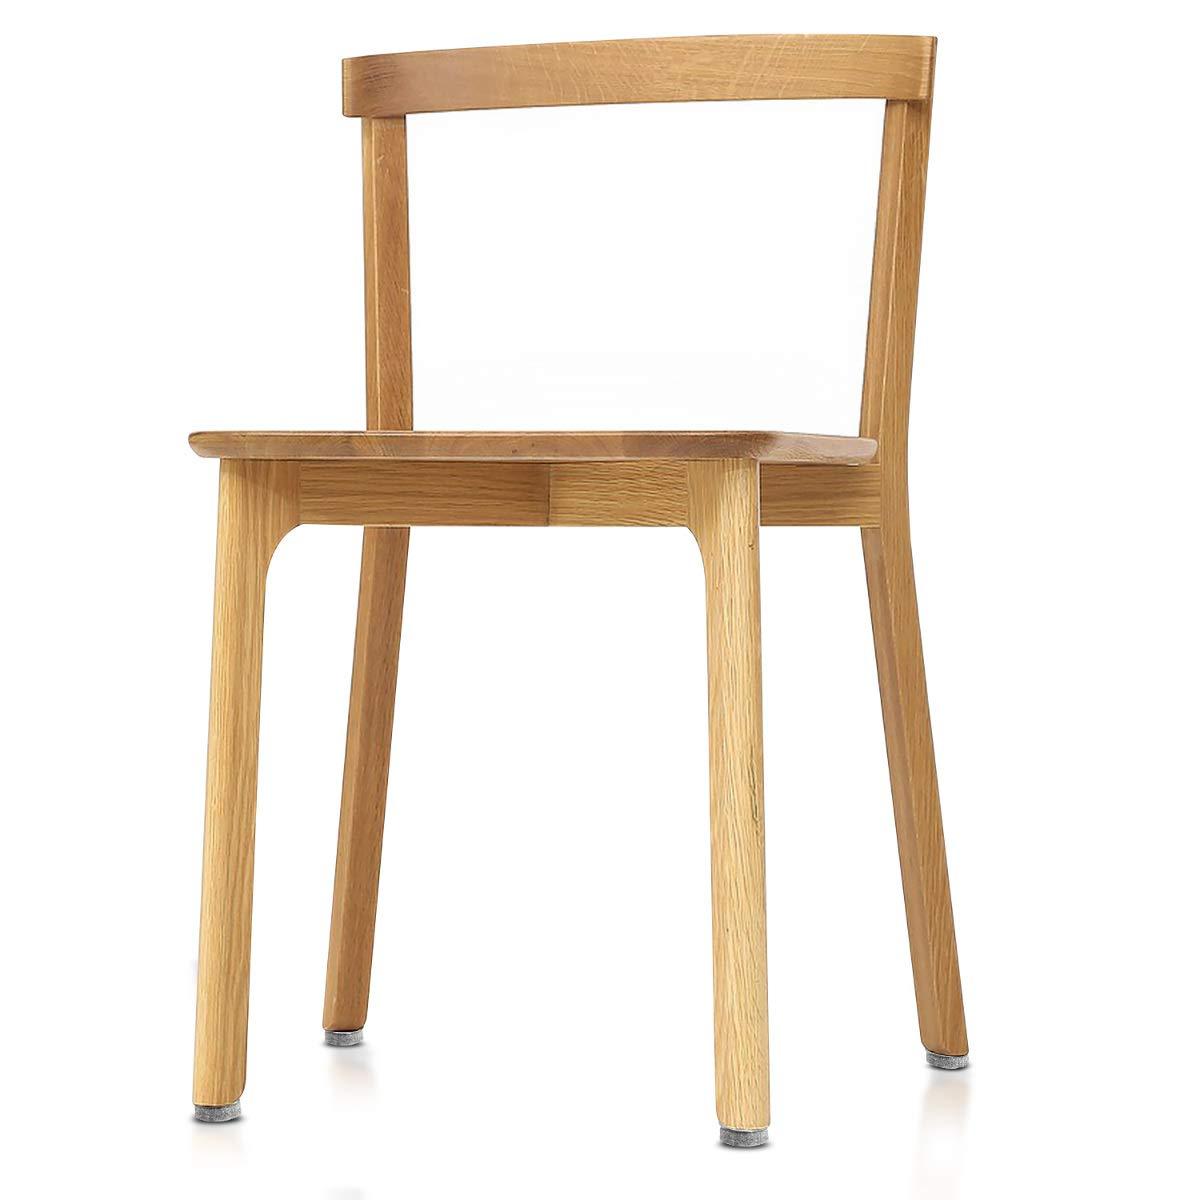 Amortiguador para muebles Tacos estilo alfiler para sillas y muebles Redondos de 24MM Navaris pack 20 almohadillas de fieltro para sillas